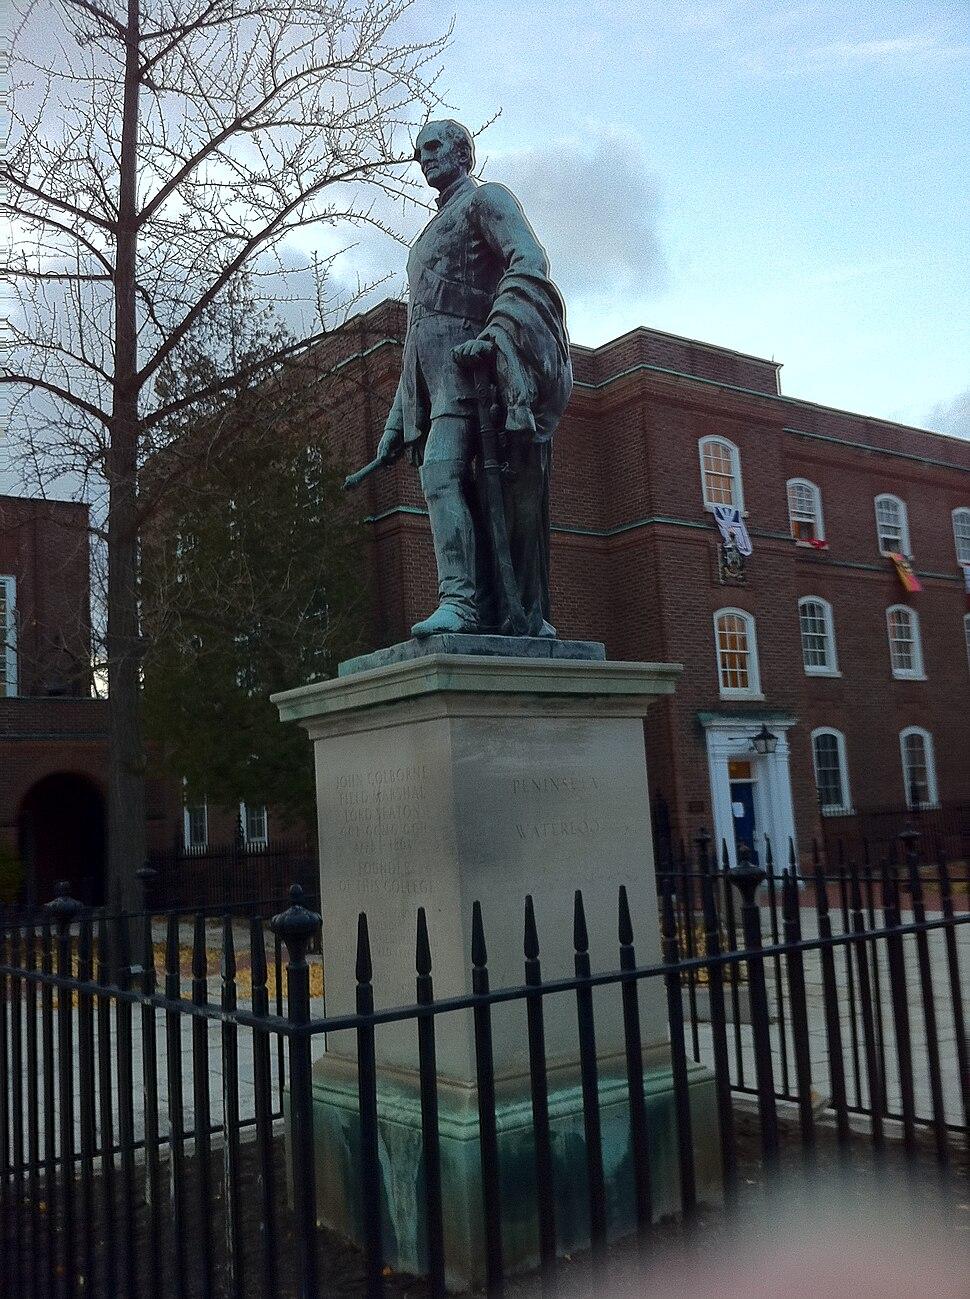 UCC Seaton statue